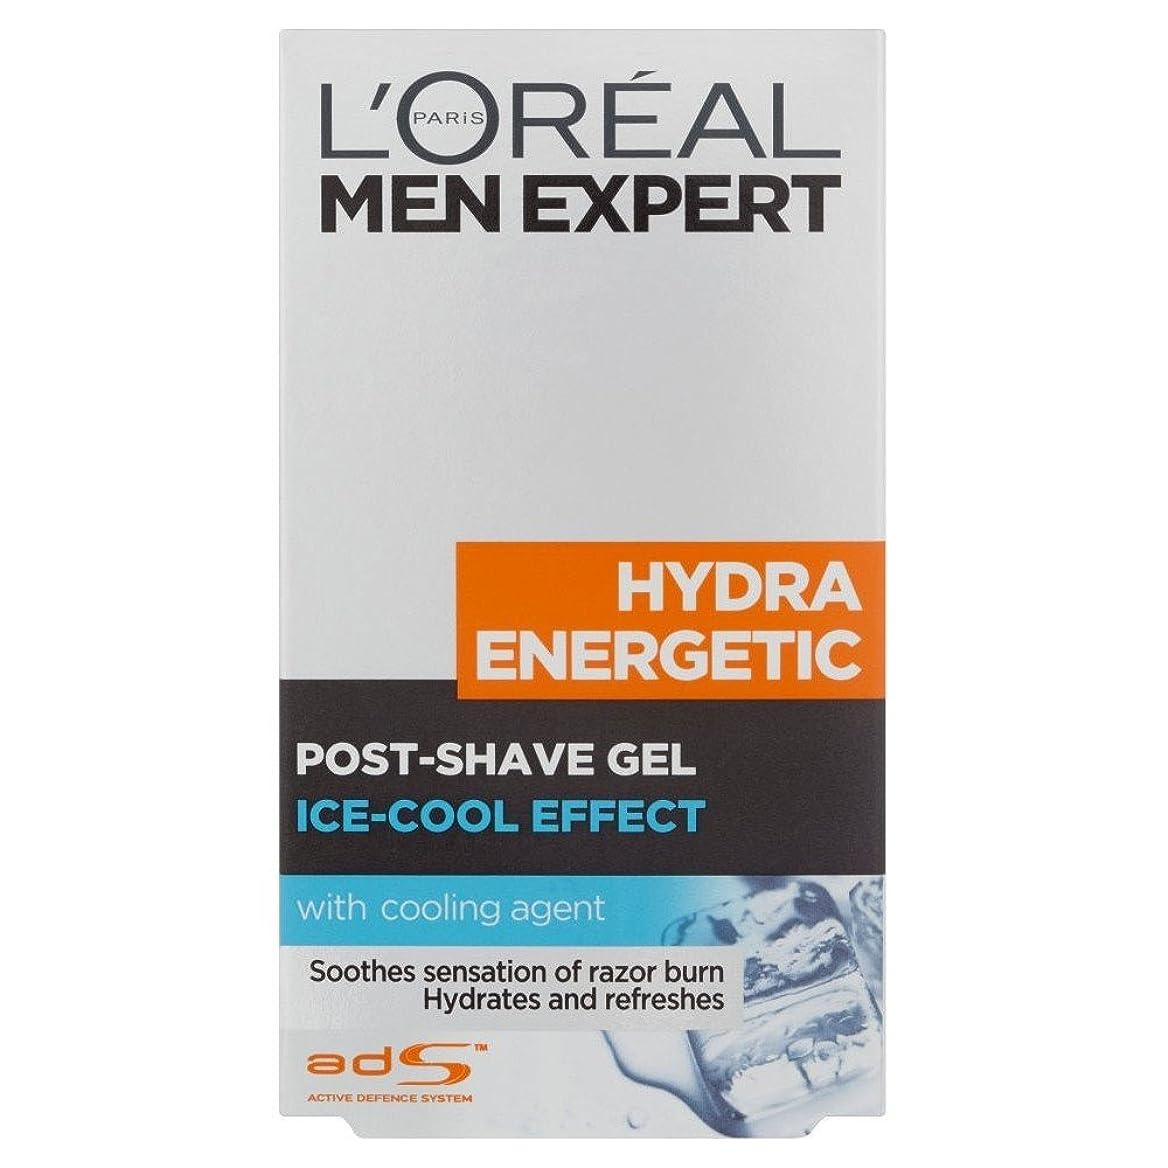 スプーンジェムオッズL'Oreal Paris Men Expert Hydra Energetic Post Shave Balm (100ml) L'オラ?アルパリのメンズ専門ヒドラエネルギッシュなポストシェーブバーム( 100ミリリットル) [並行輸入品]